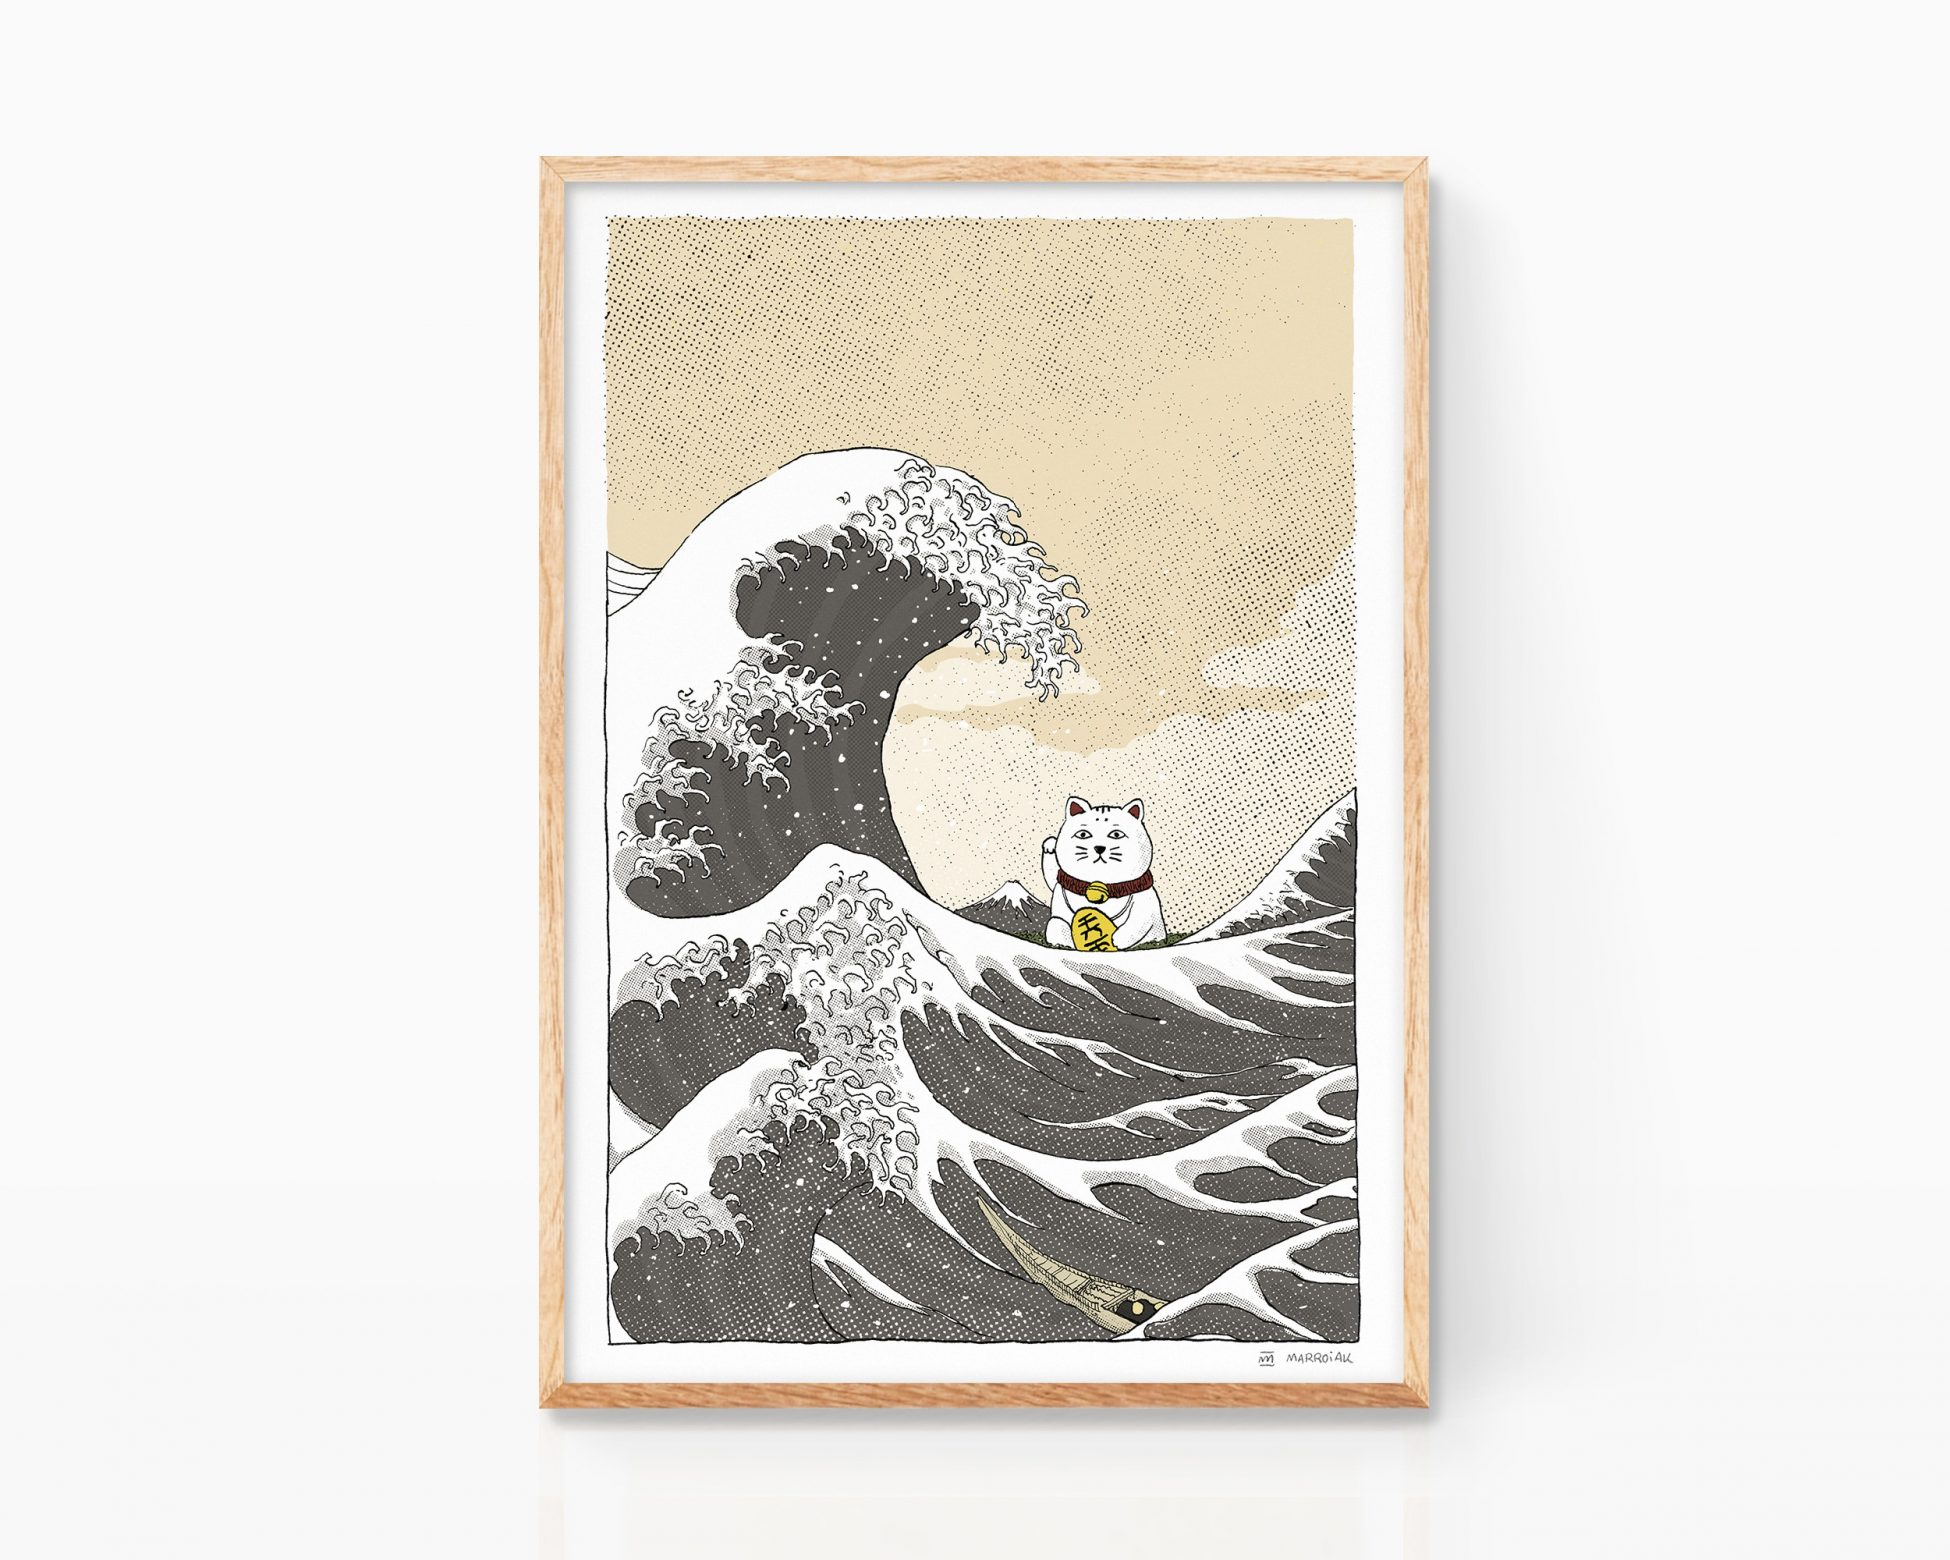 Cuadro para enmarcar con una Ilustración ukiyo-e con la gran ola de kanagawa de hokusai. Estampado japonés. Versión Art Remixes